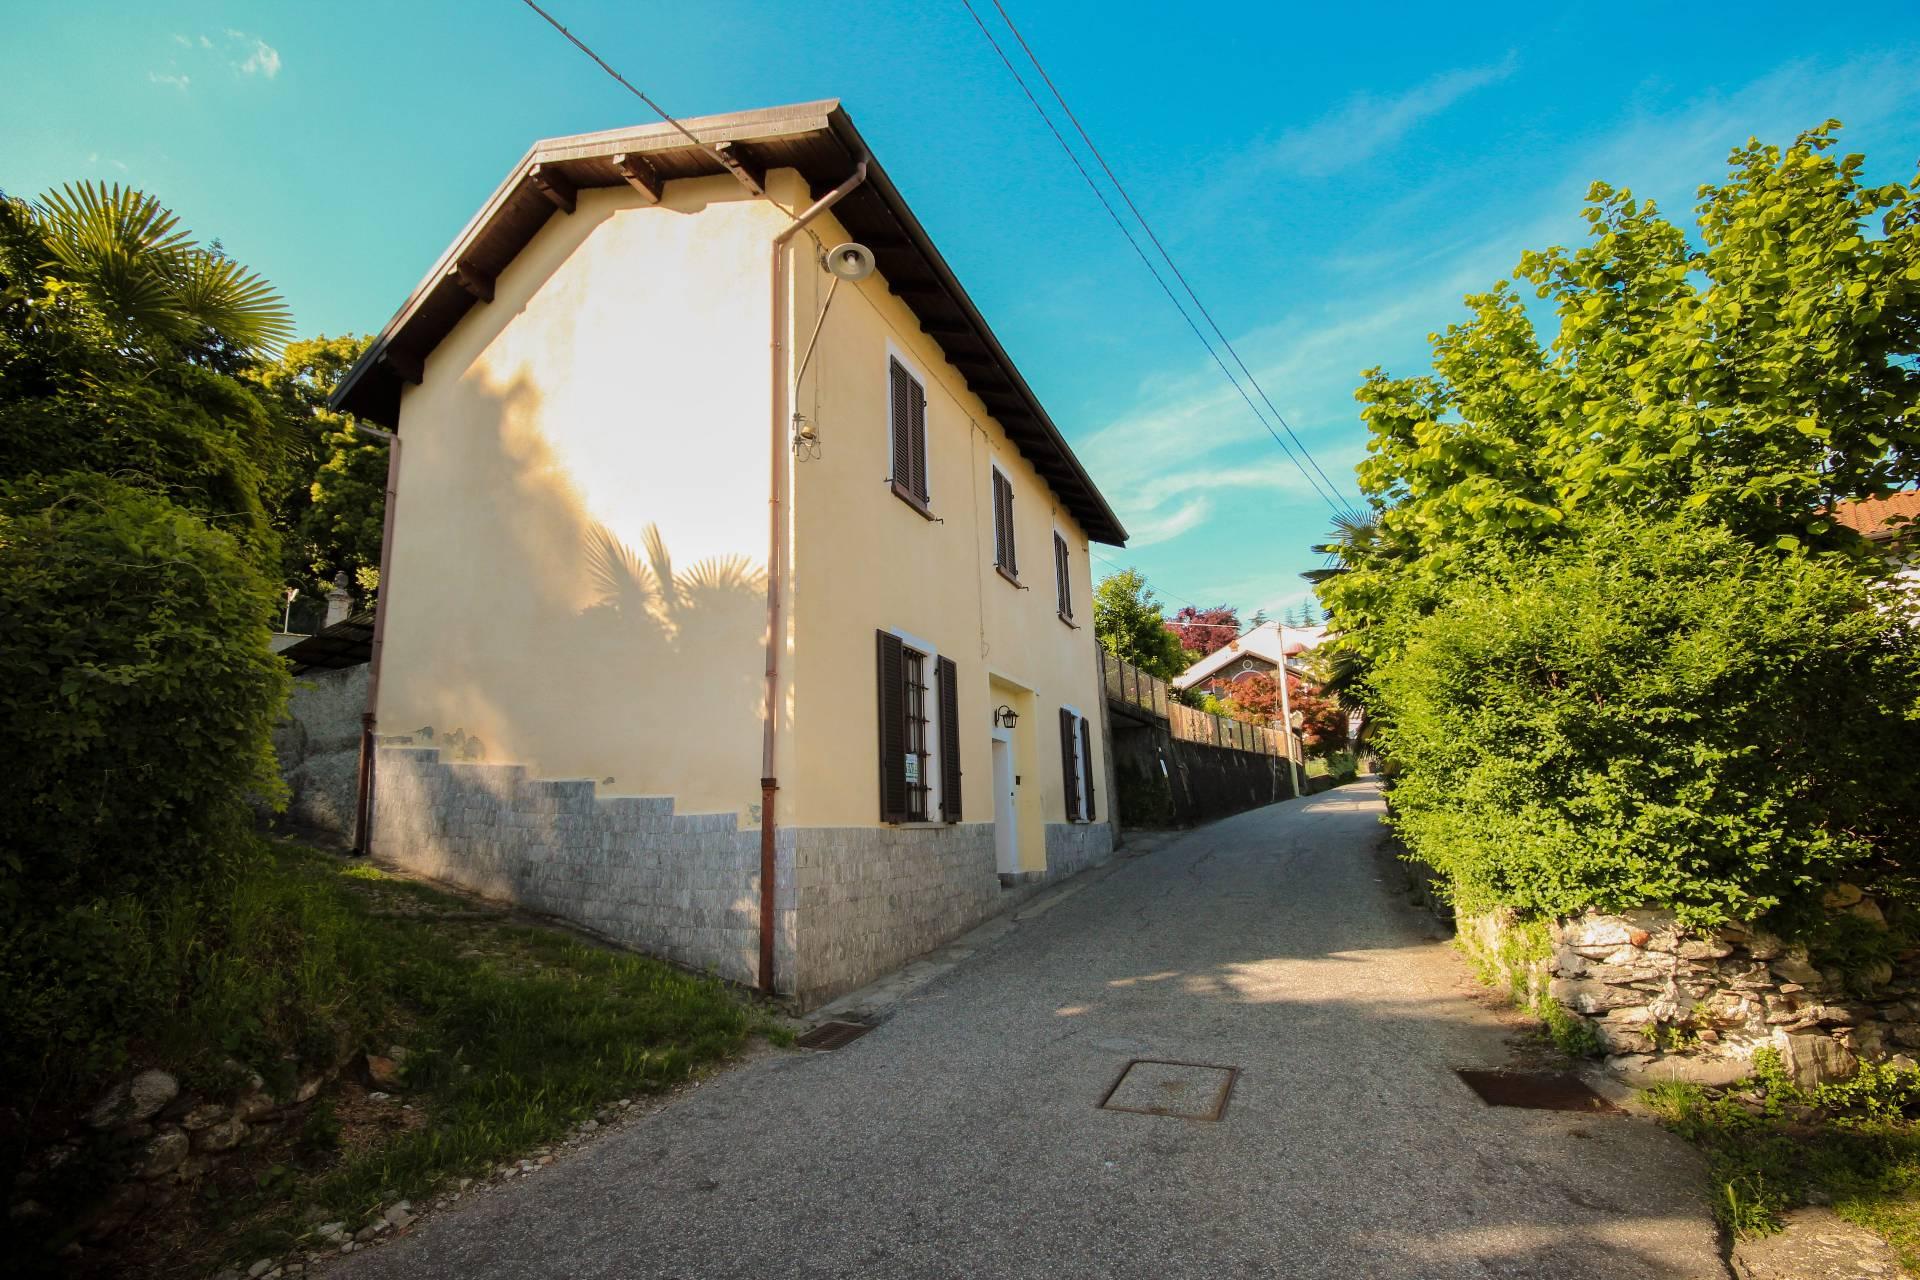 Soluzione Indipendente in vendita a Verbania, 7 locali, zona Zona: Biganzolo, Trattative riservate | Cambio Casa.it